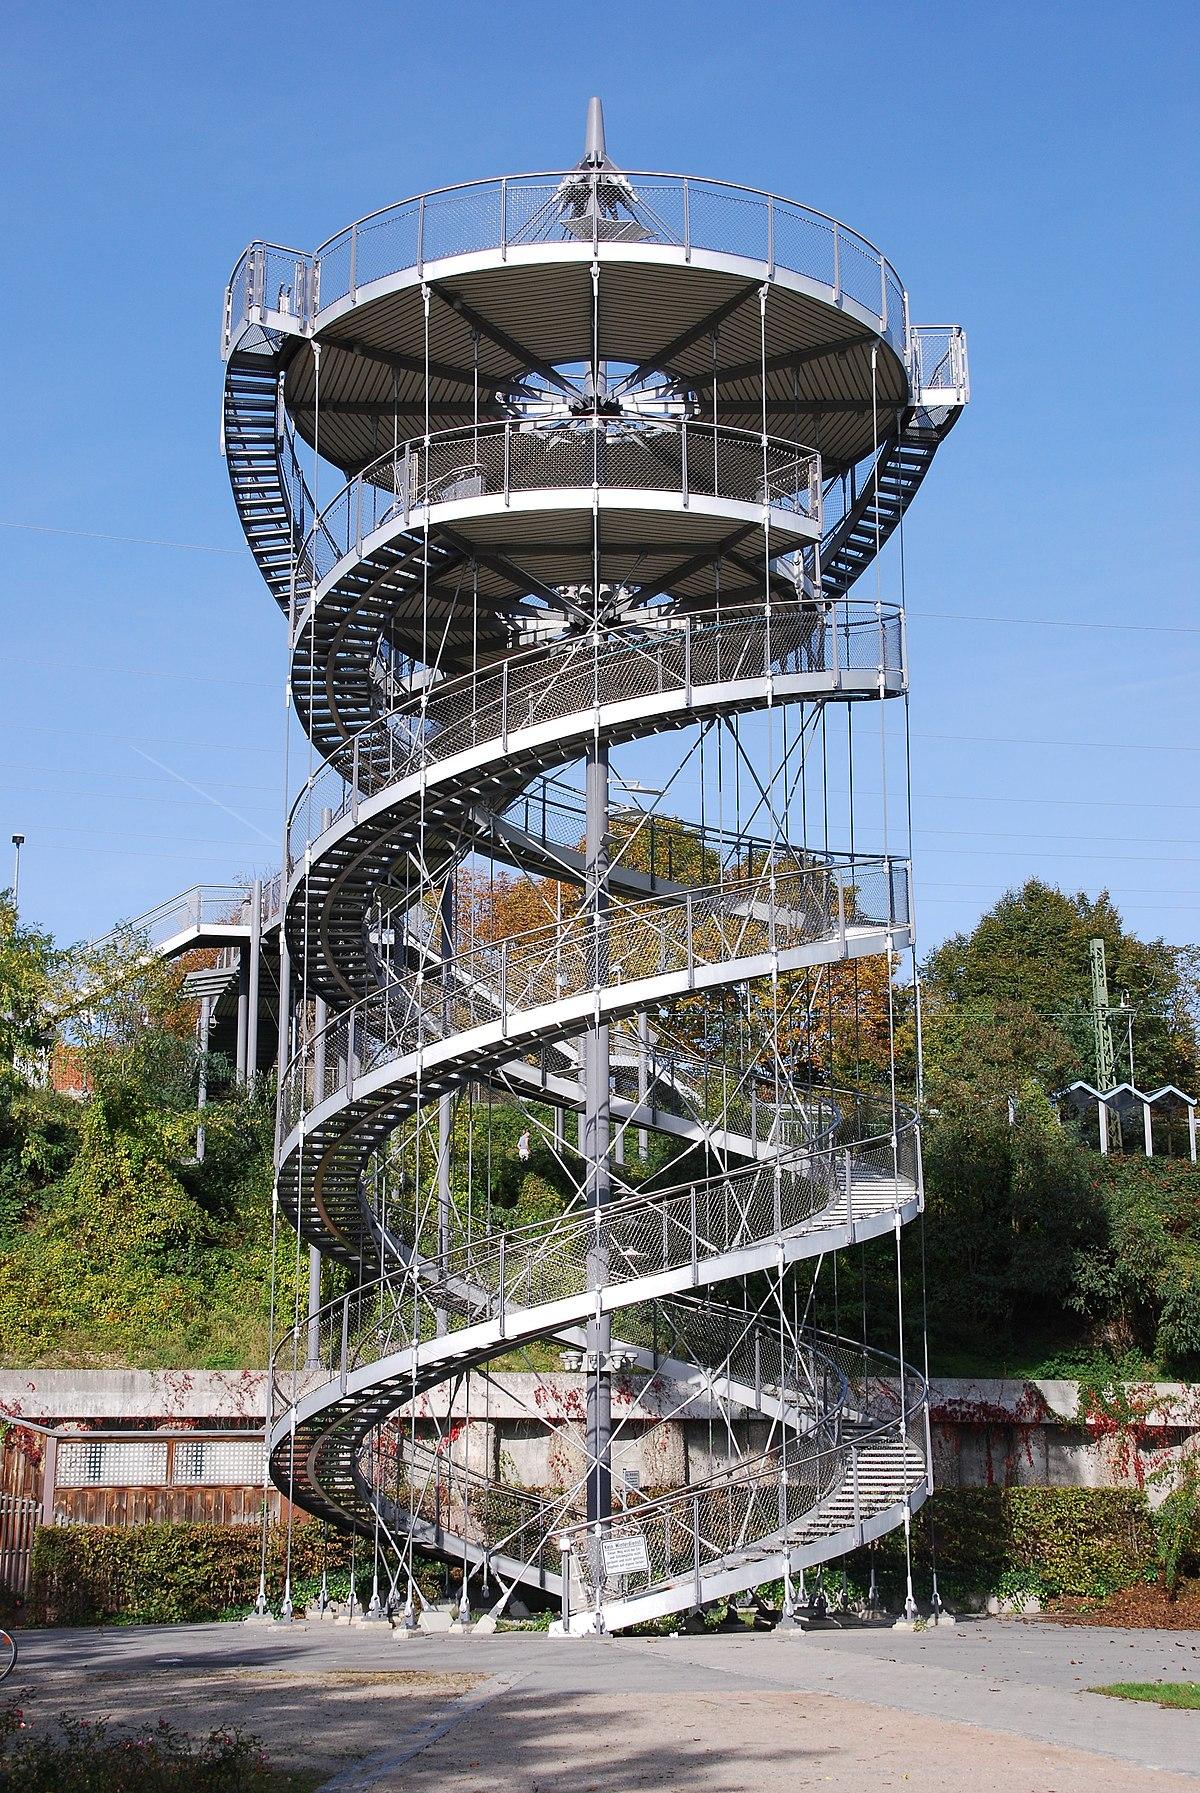 Datei:Weil am Rhein Aussichtsturm.JPG - Wikipedia